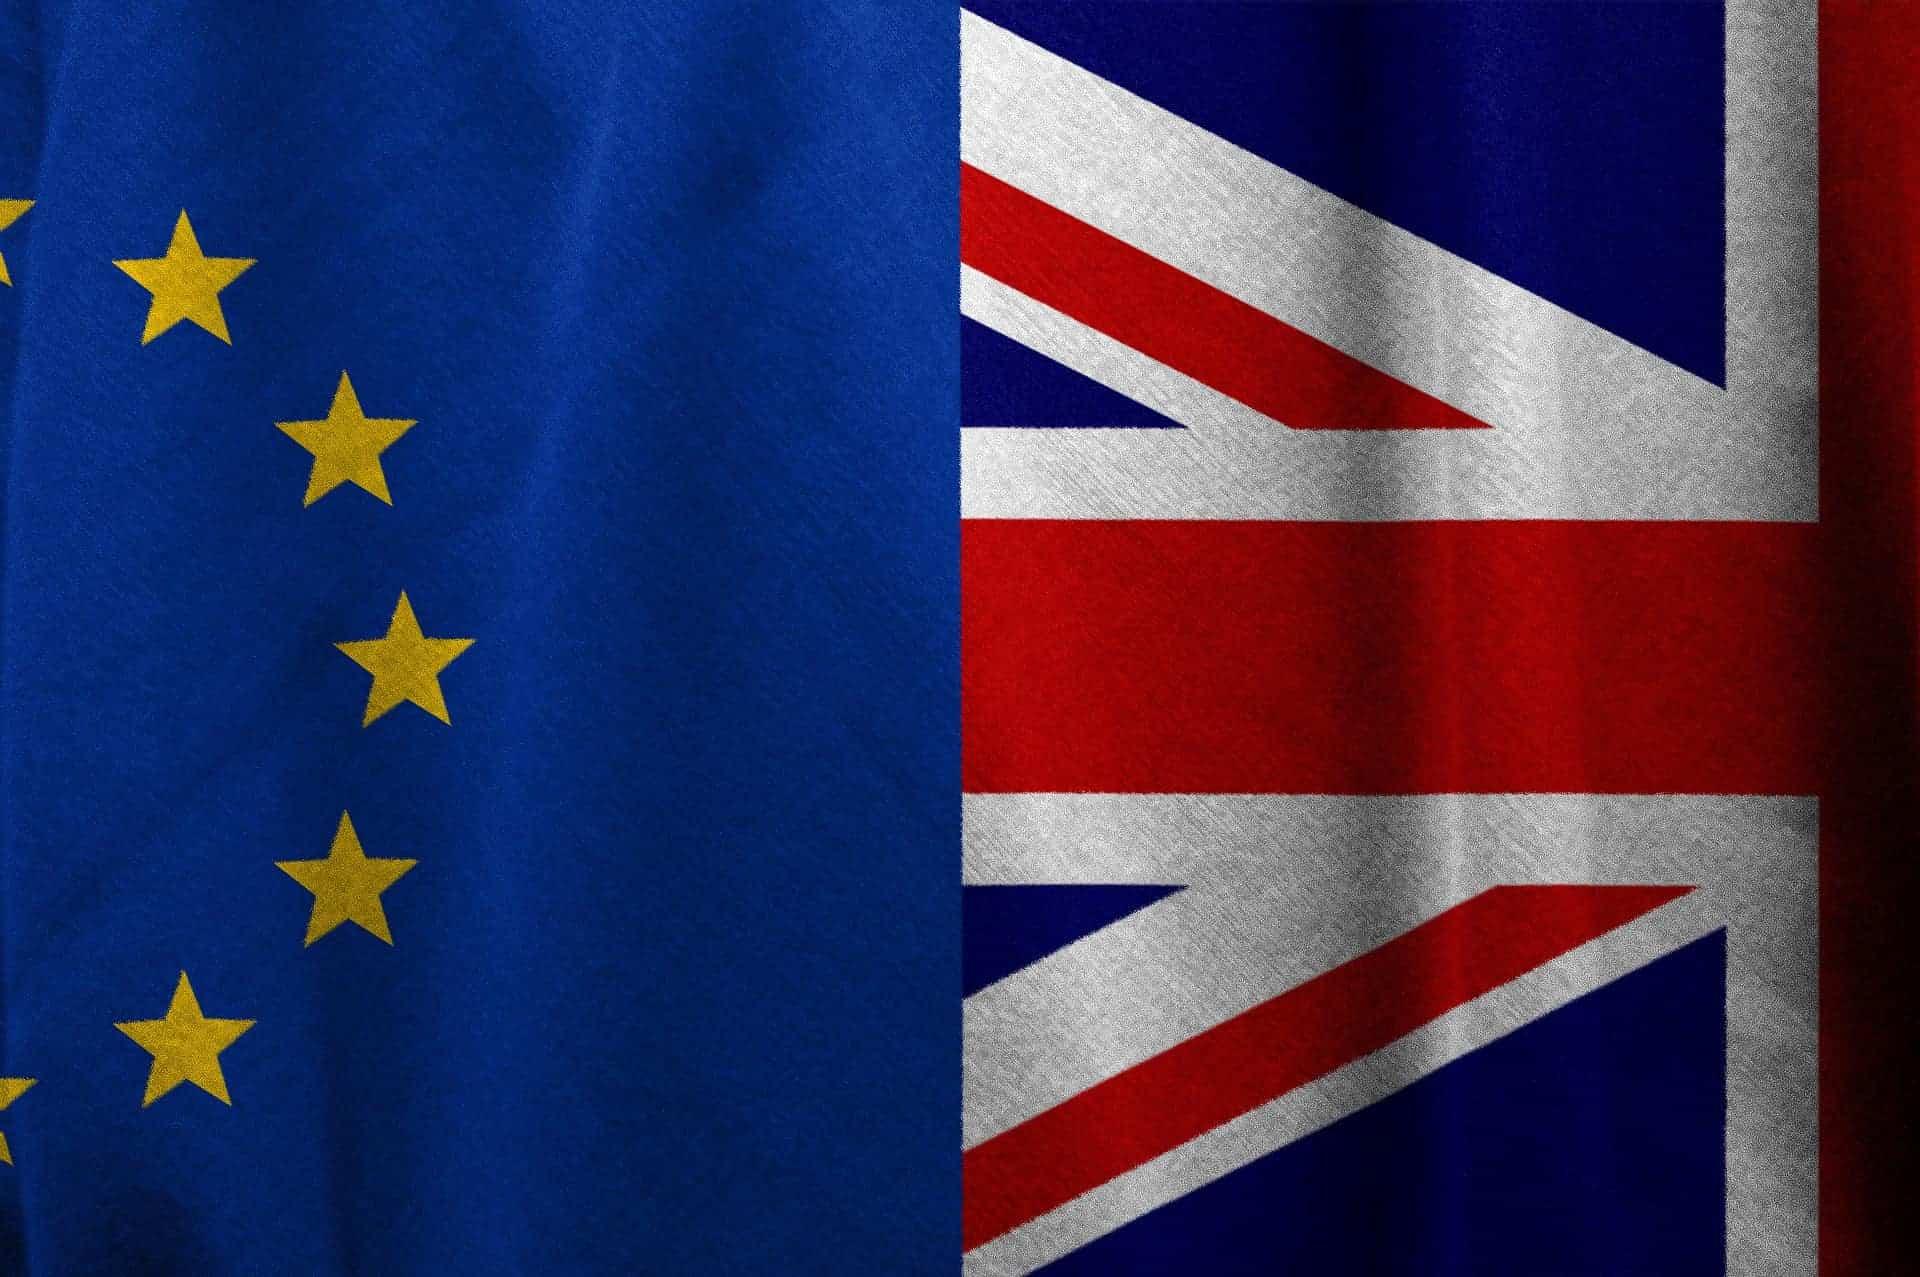 La relación del Reino Unido con la Unión Europea en 4 monedas de 50 peniques